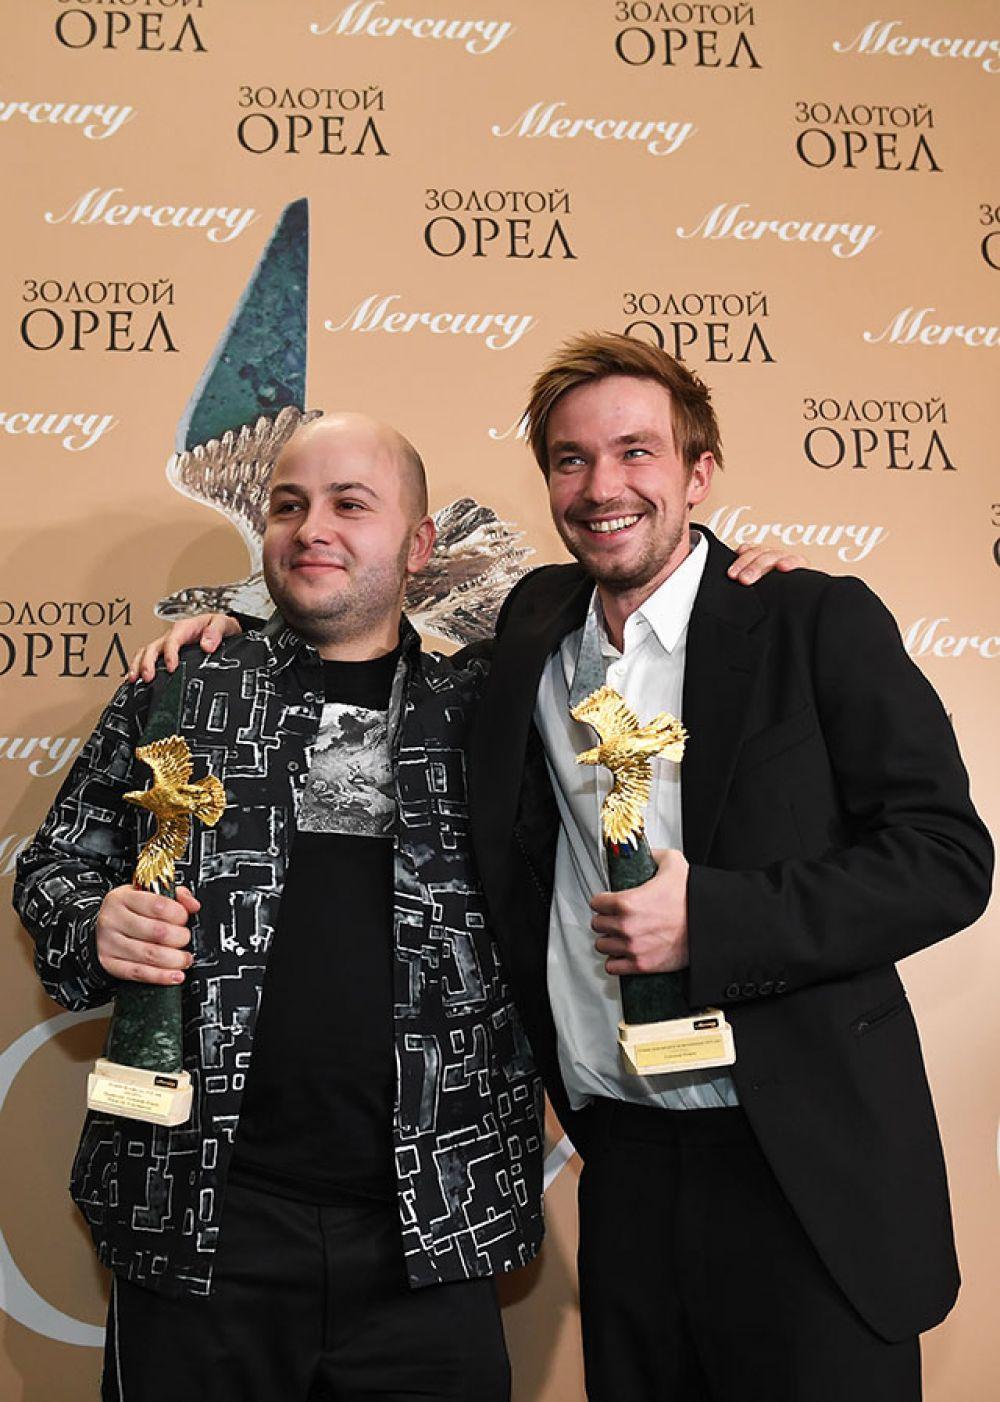 Режиссер Егор Баранов, получивший приз в номинации «Лучший телефильм или мини-сериал (до 10 серий)» и актер Александр Петров, победивший в номинации «Лучшая мужская роль на телевидении» («Sпарта»).